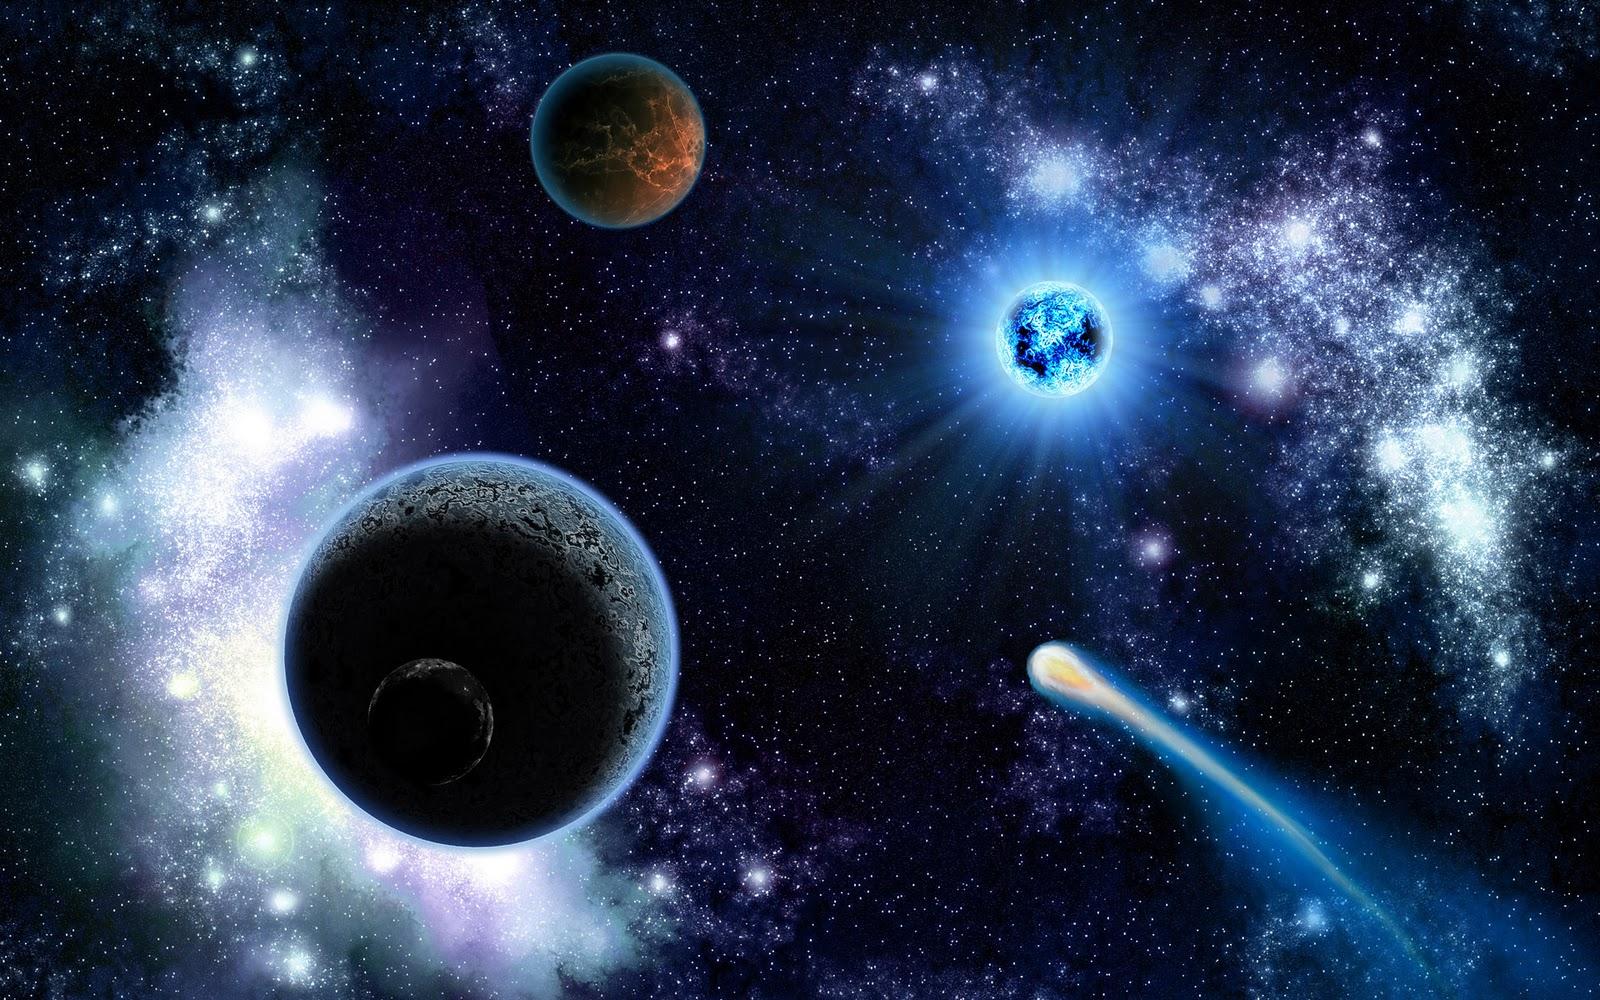 http://4.bp.blogspot.com/-C-rRu2QJbHI/UB1rwkoQScI/AAAAAAAADpM/pygnb3ga7EI/s1600/Space+Stars+Wallpaper+7.jpg